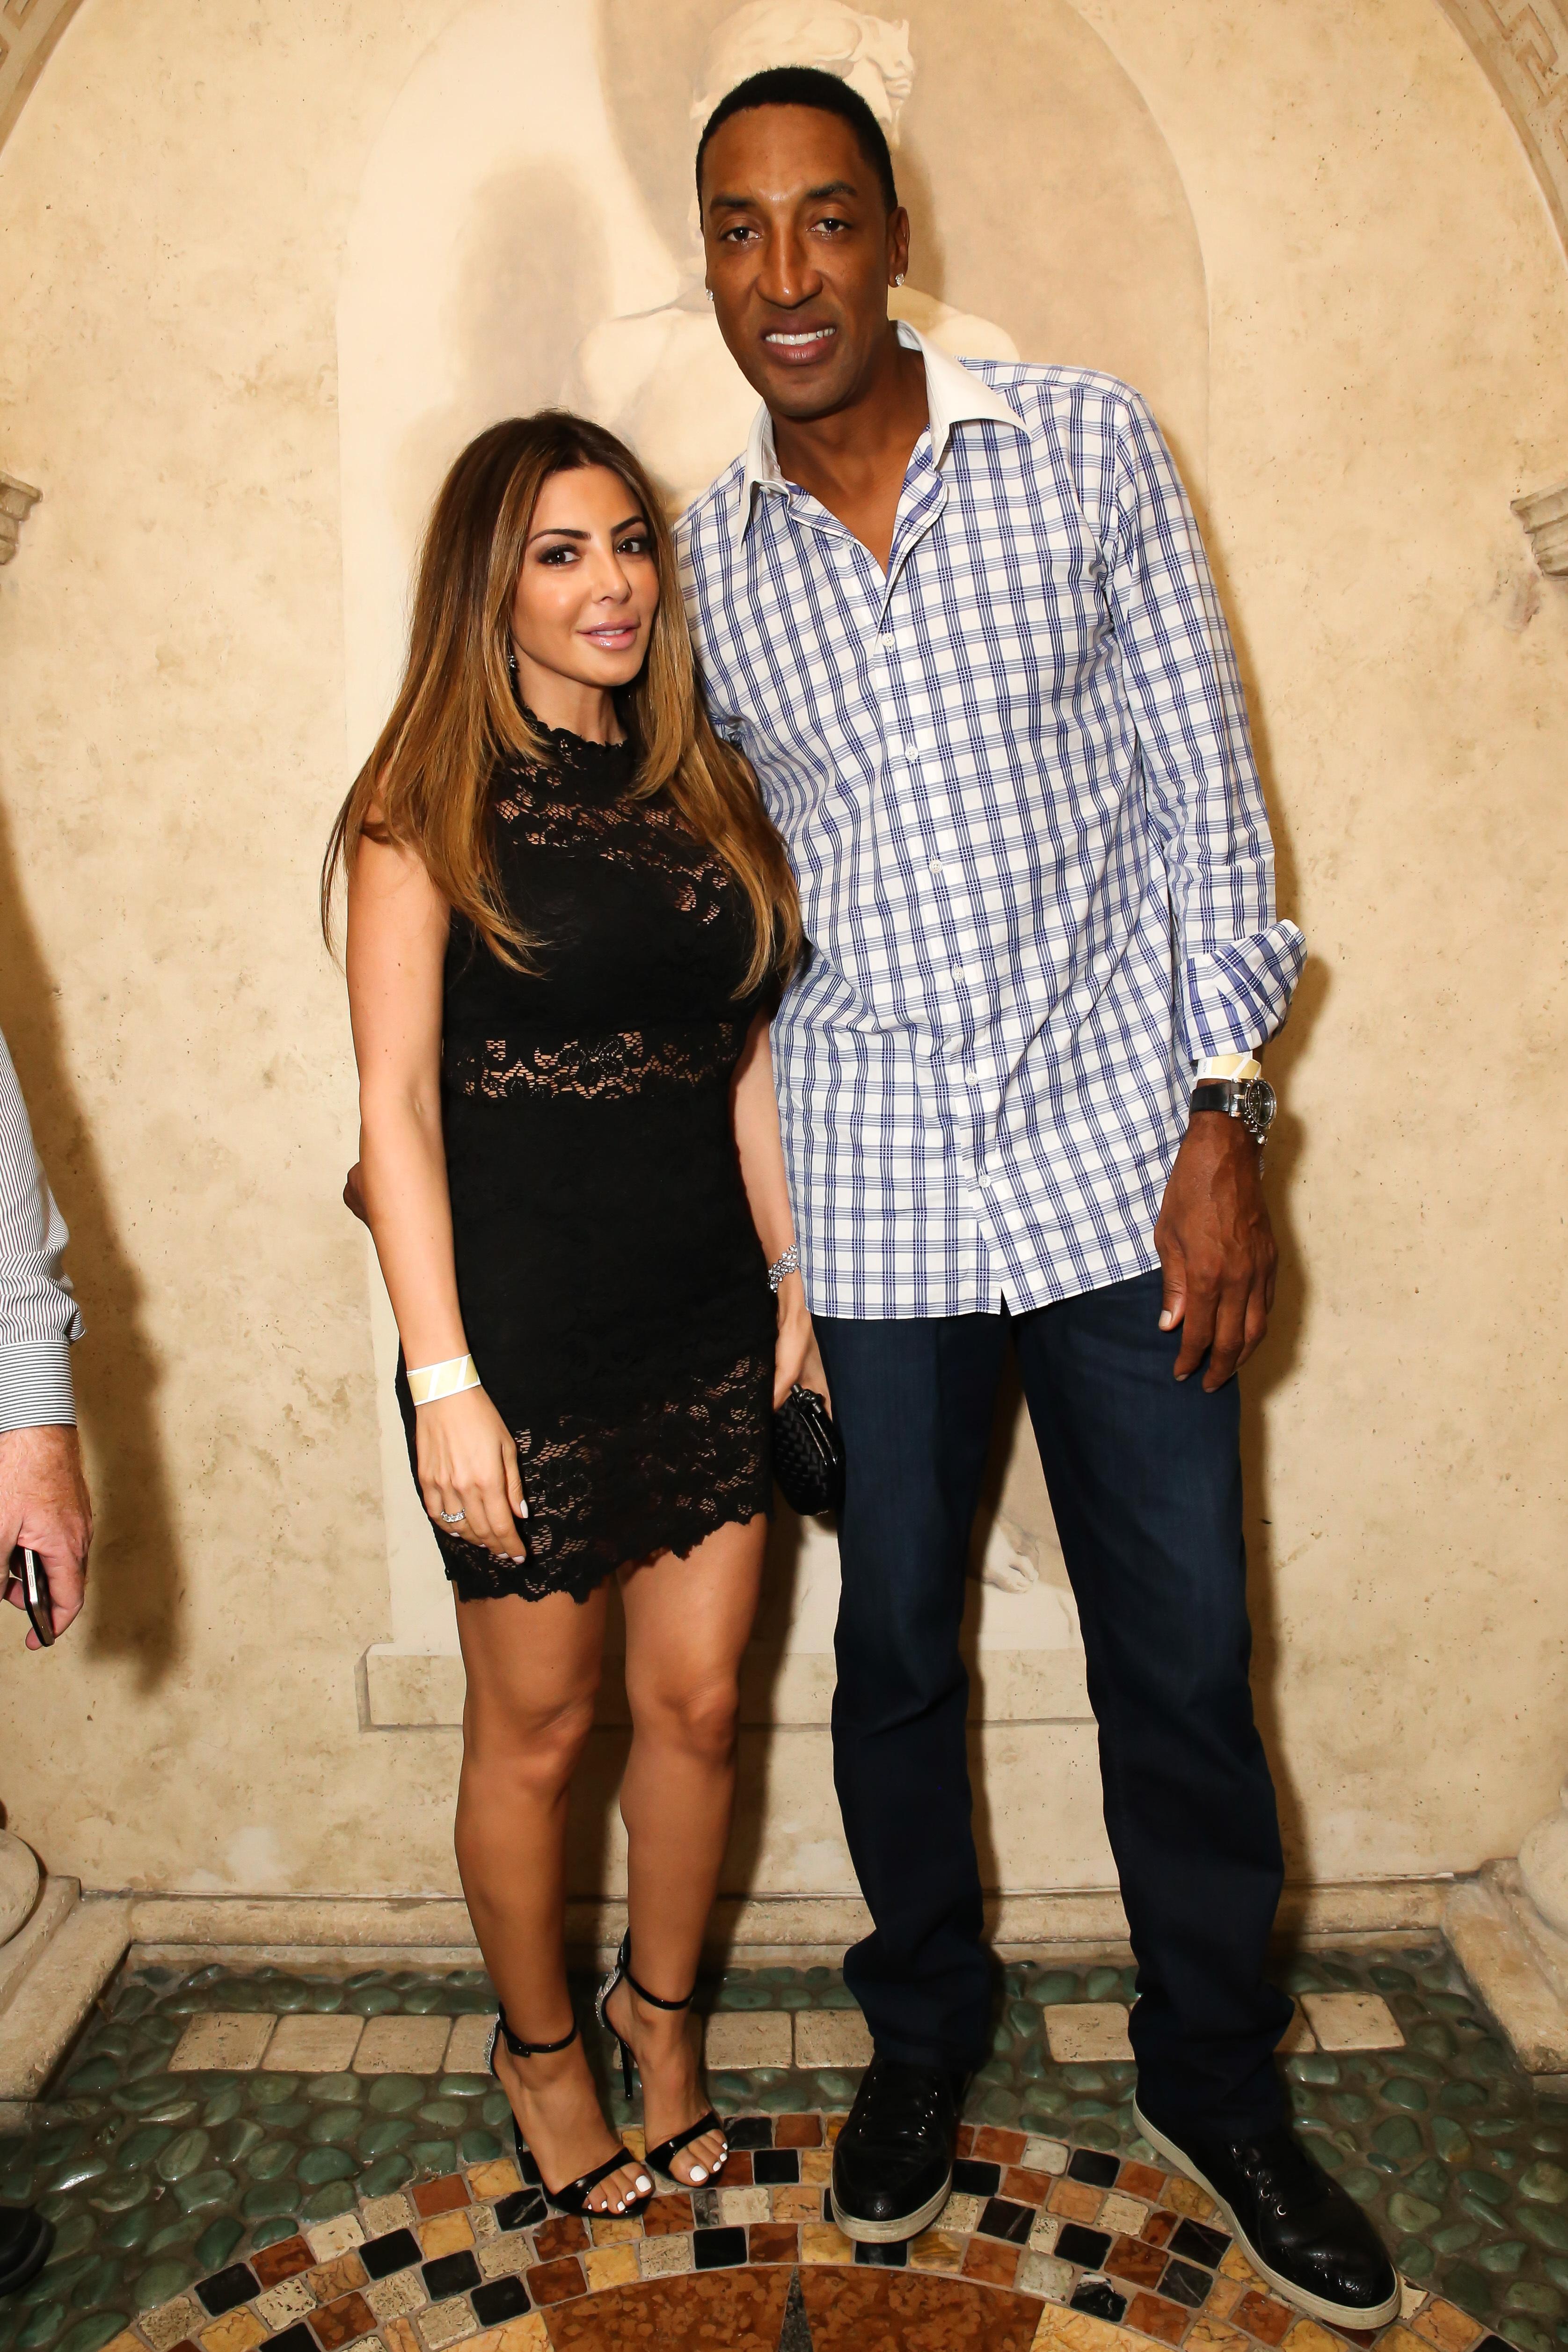 Larsa and Scottie Pippen in Miami